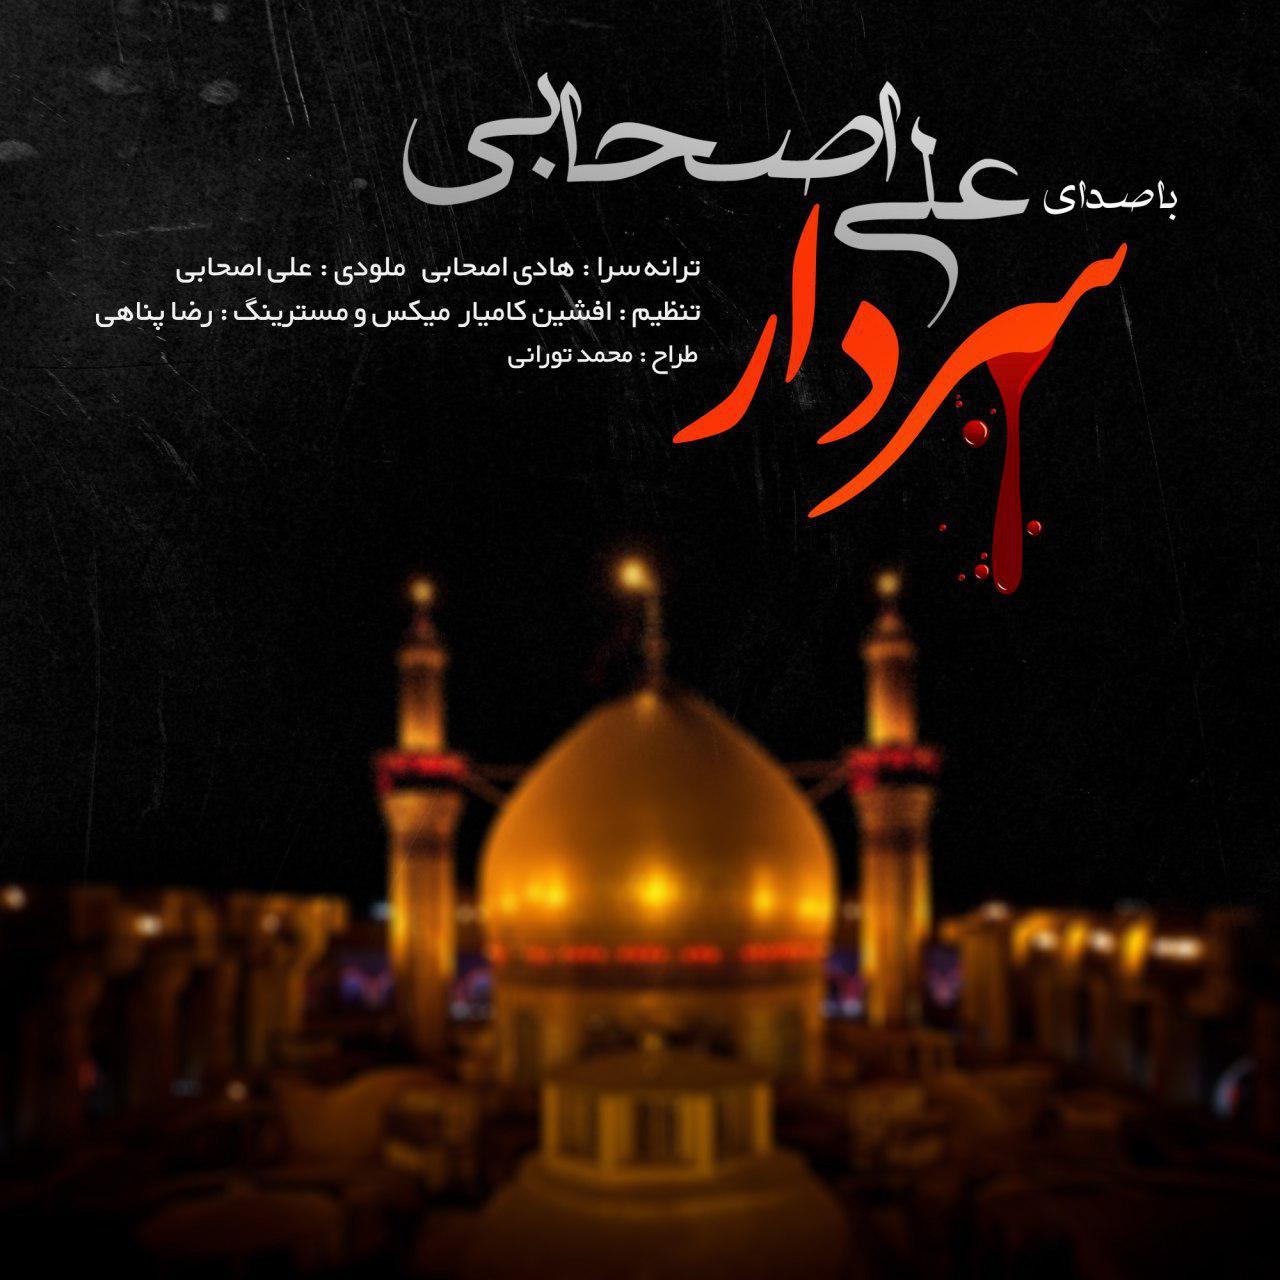 Ali Ashabi – Sardar